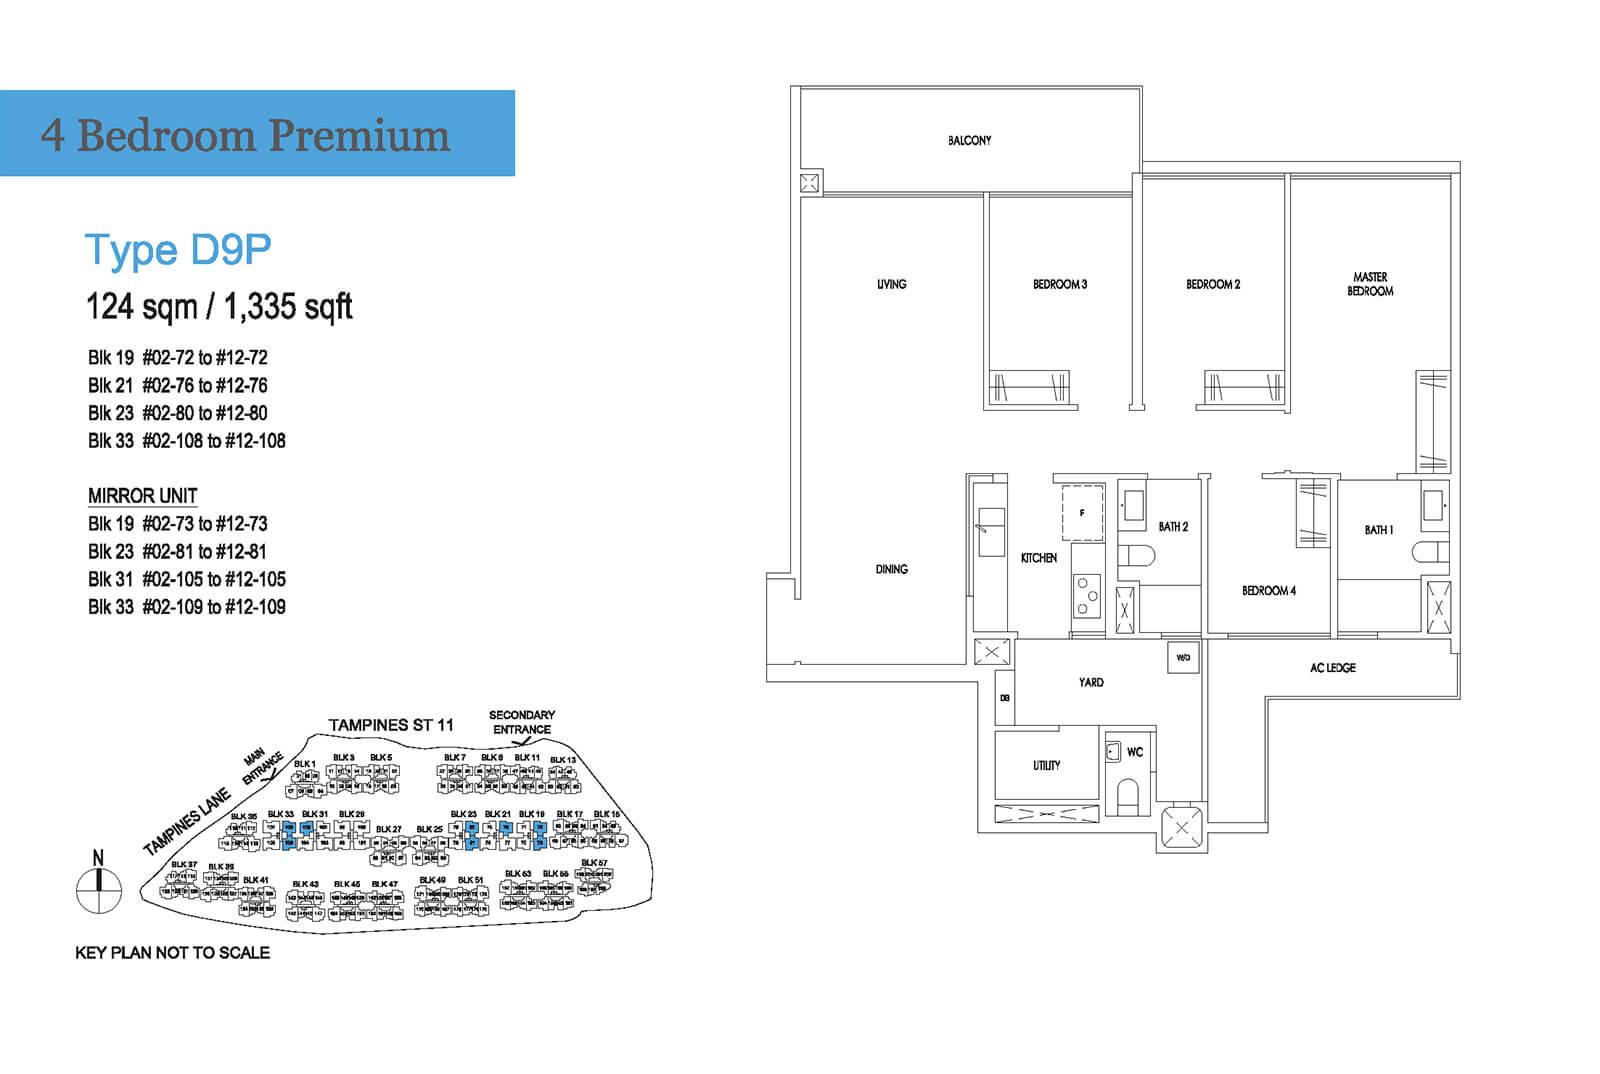 Treasure At Tampines Floor Plan 4-Bedroom Premium D9P